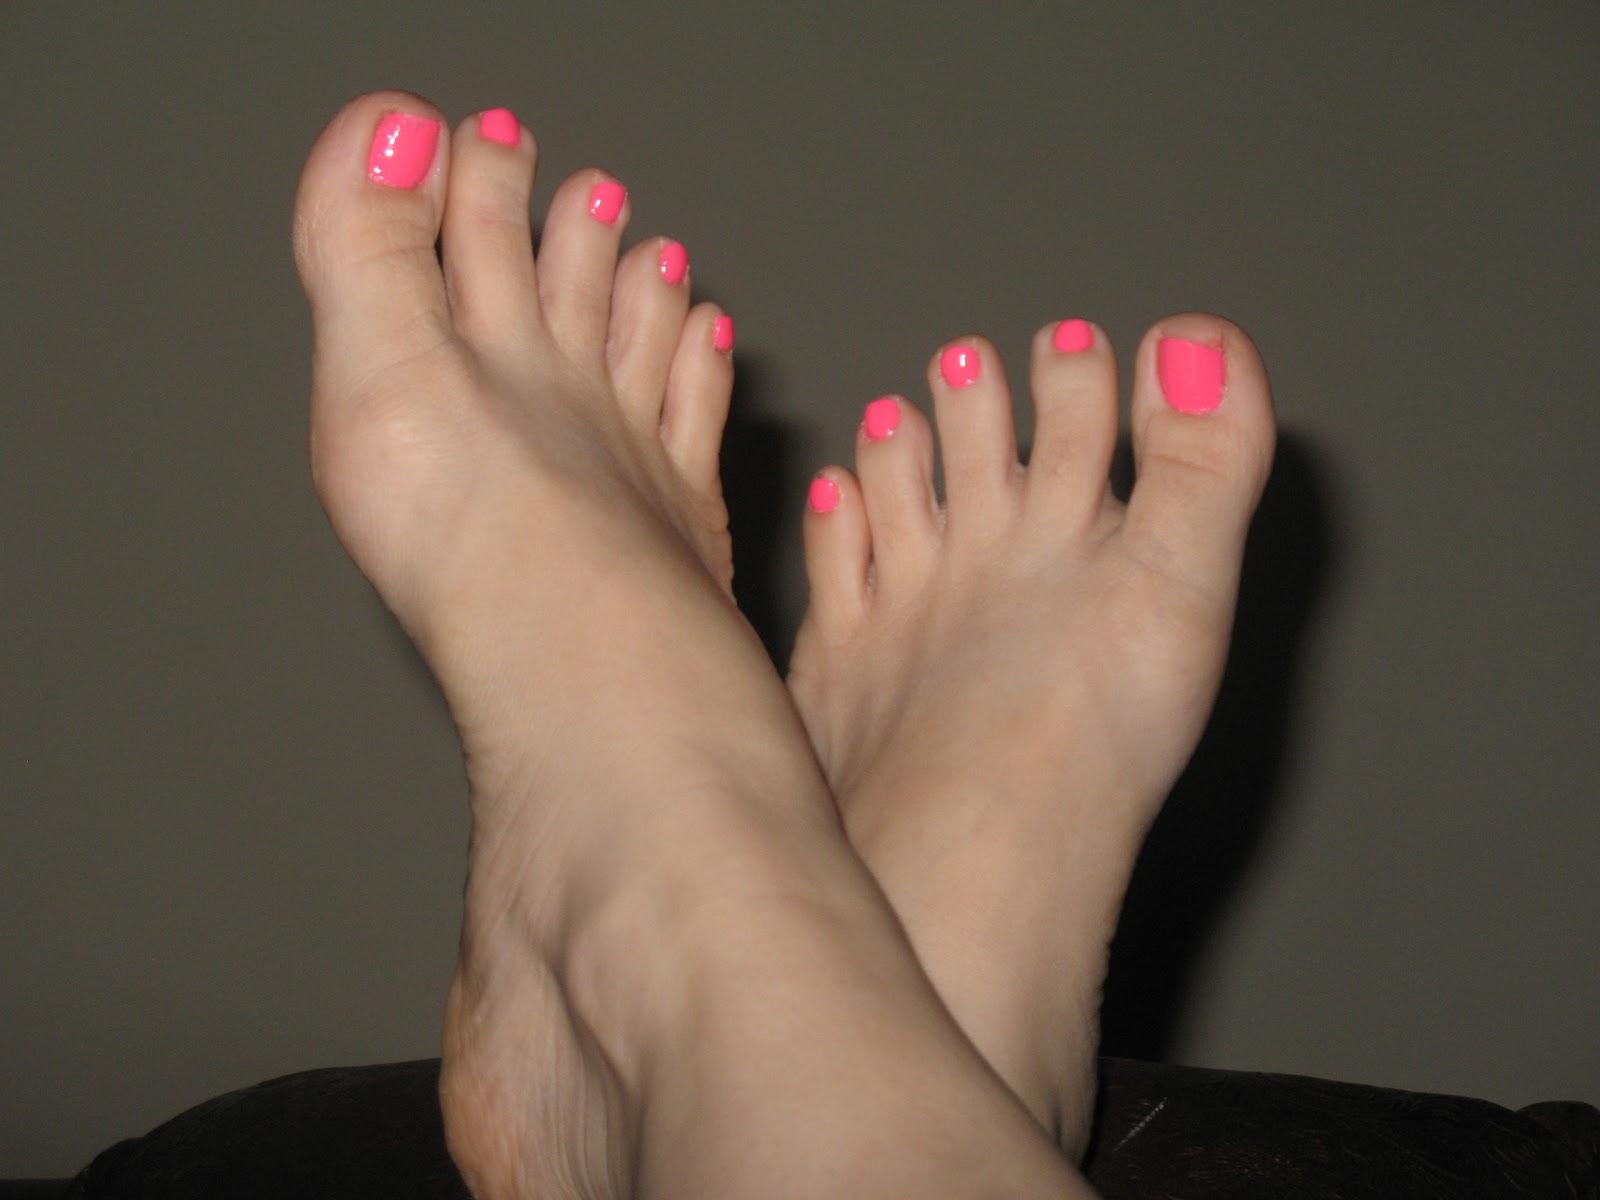 toes paintings